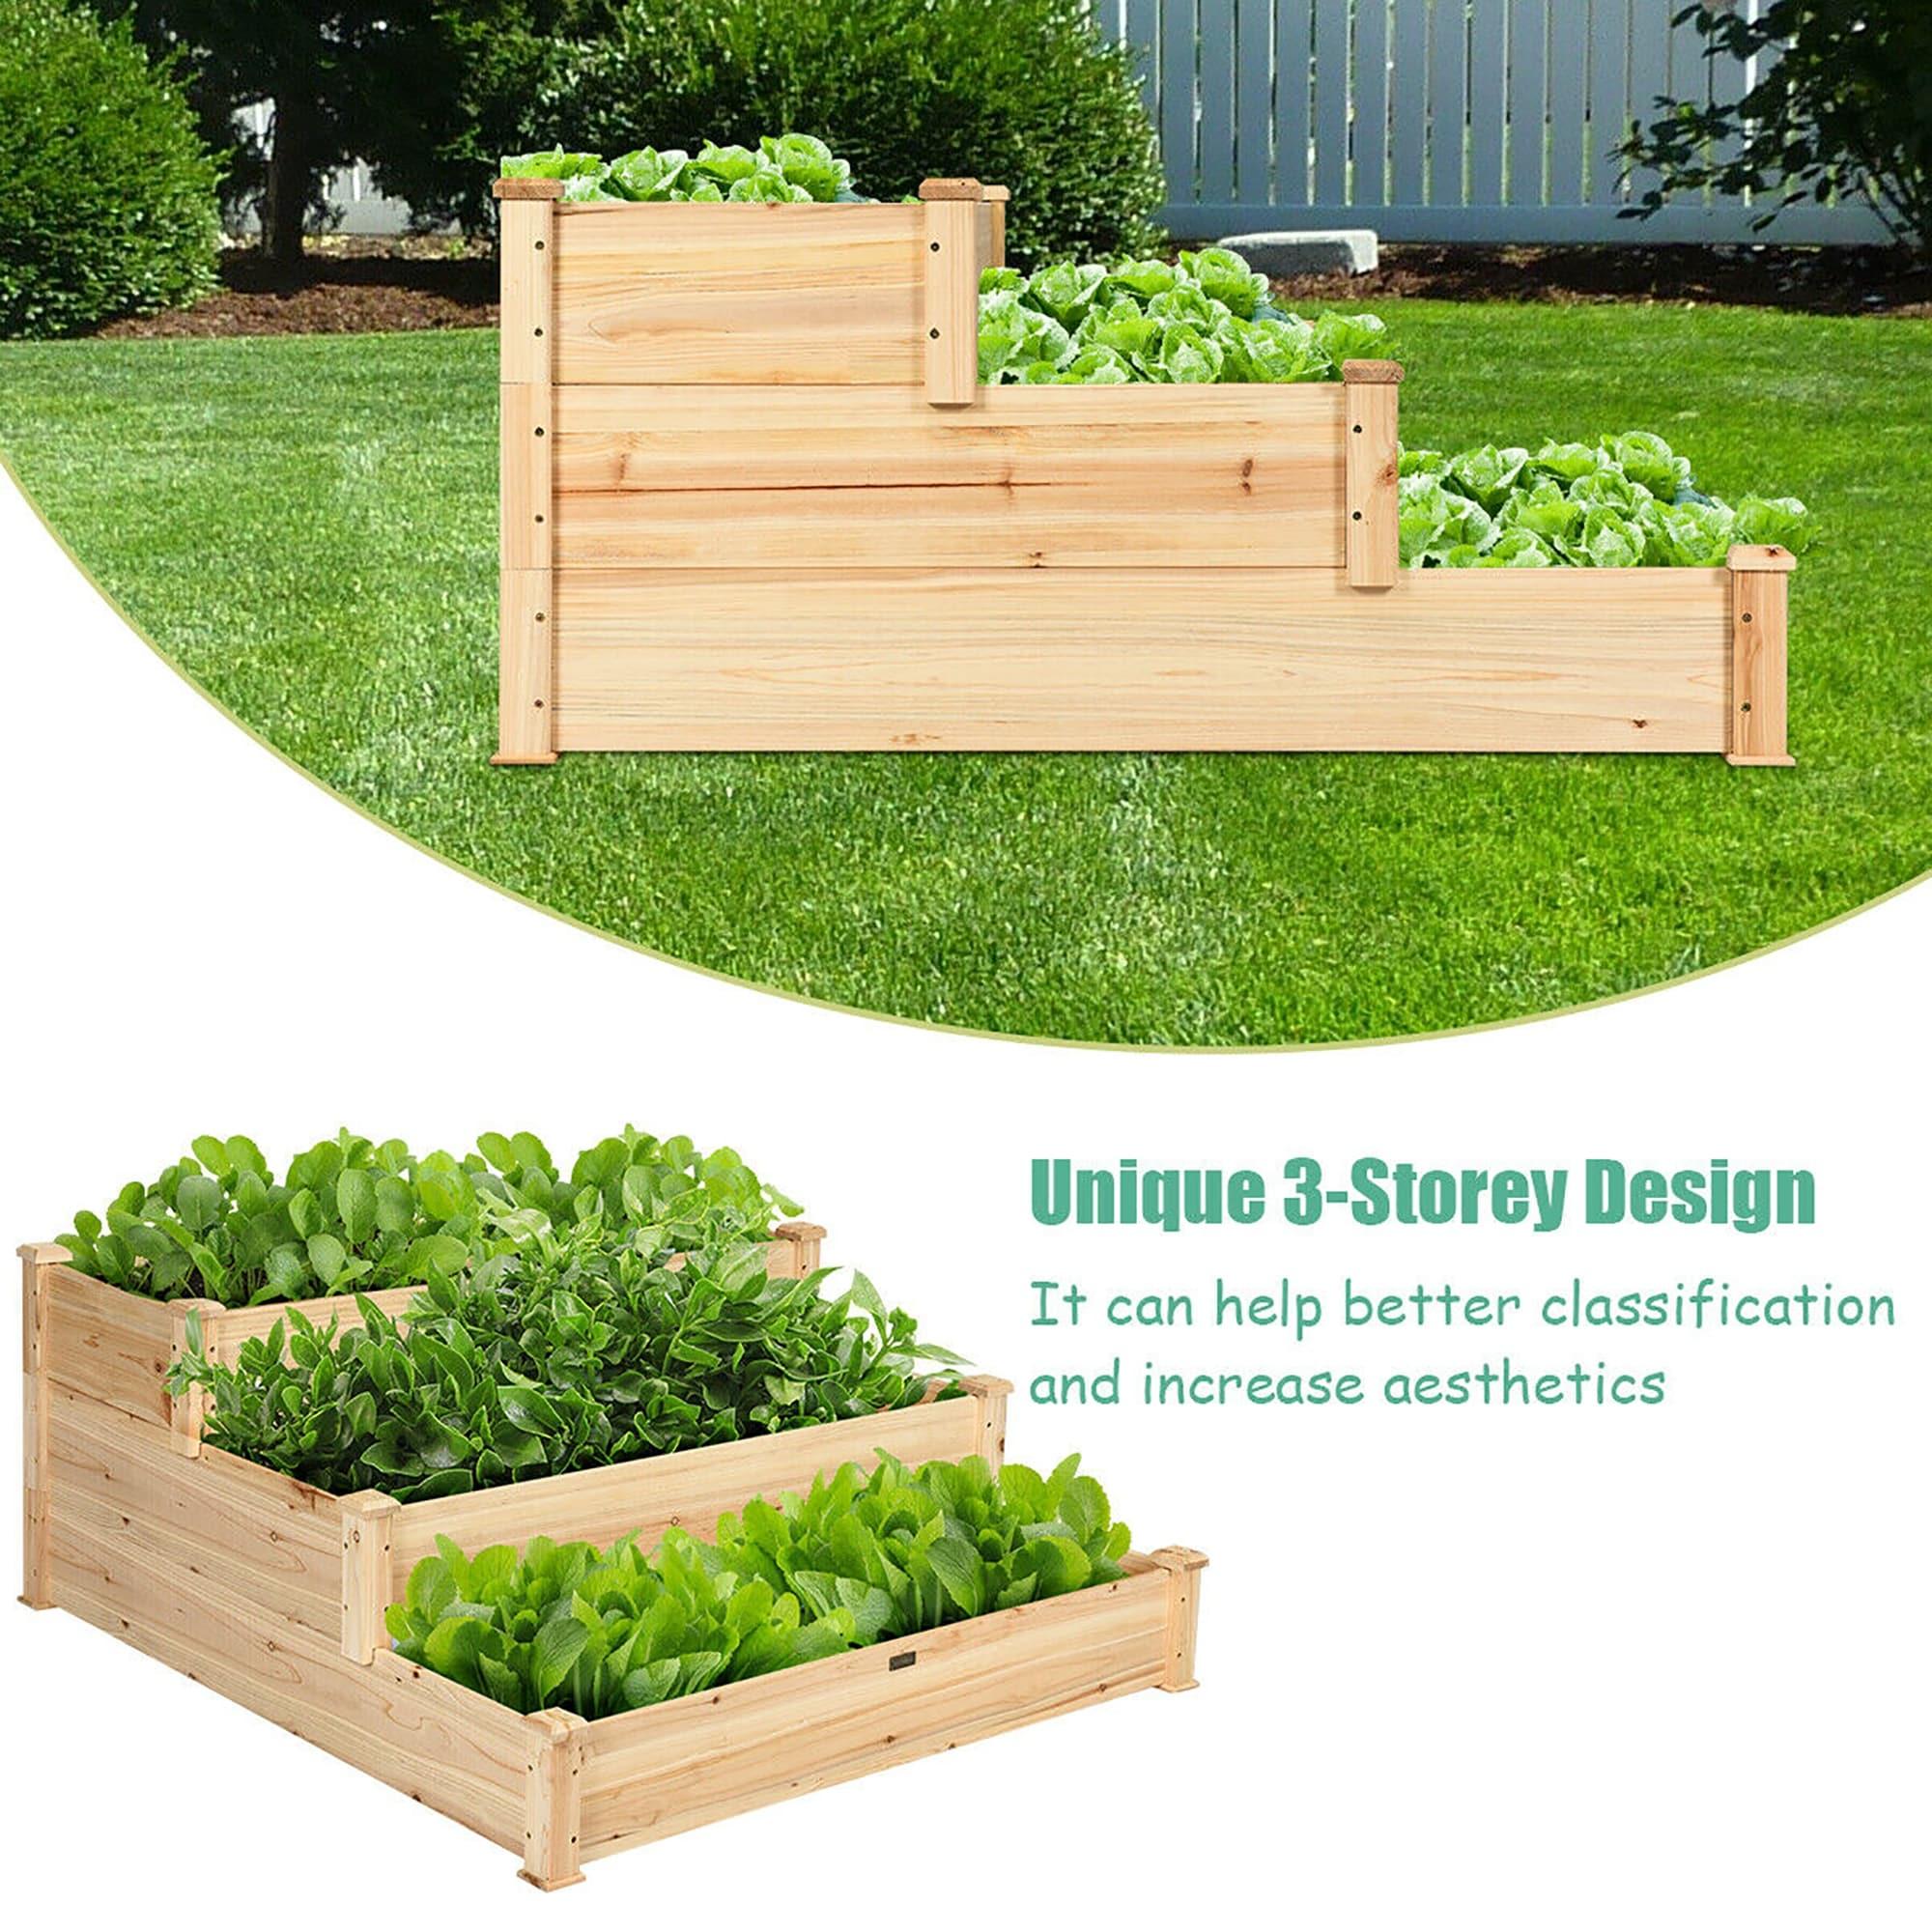 Costway 3 Tier Wooden Raised Vegetable Garden Bed Elevated Planter Kit Overstock 15982861